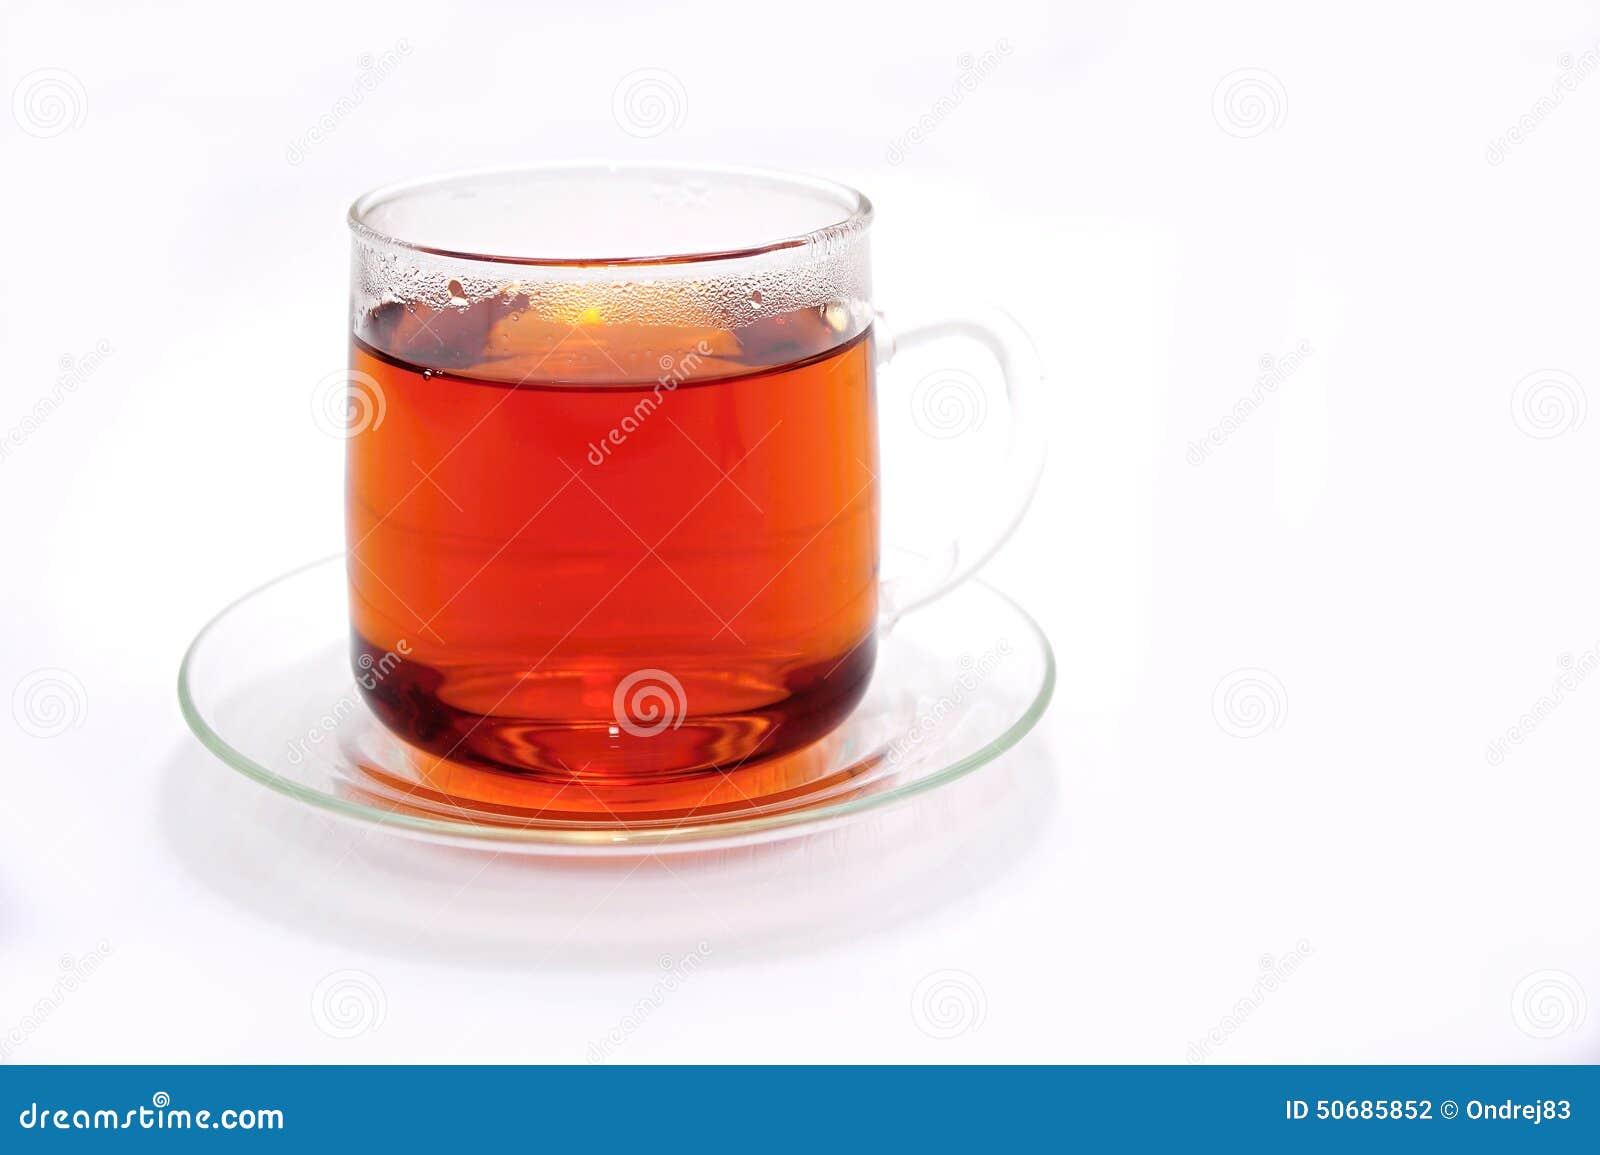 Download 茶 库存照片. 图片 包括有 browne, 饮料, 工作室, 自然, 液体, 概念, 健康, 透明, 唯一 - 50685852